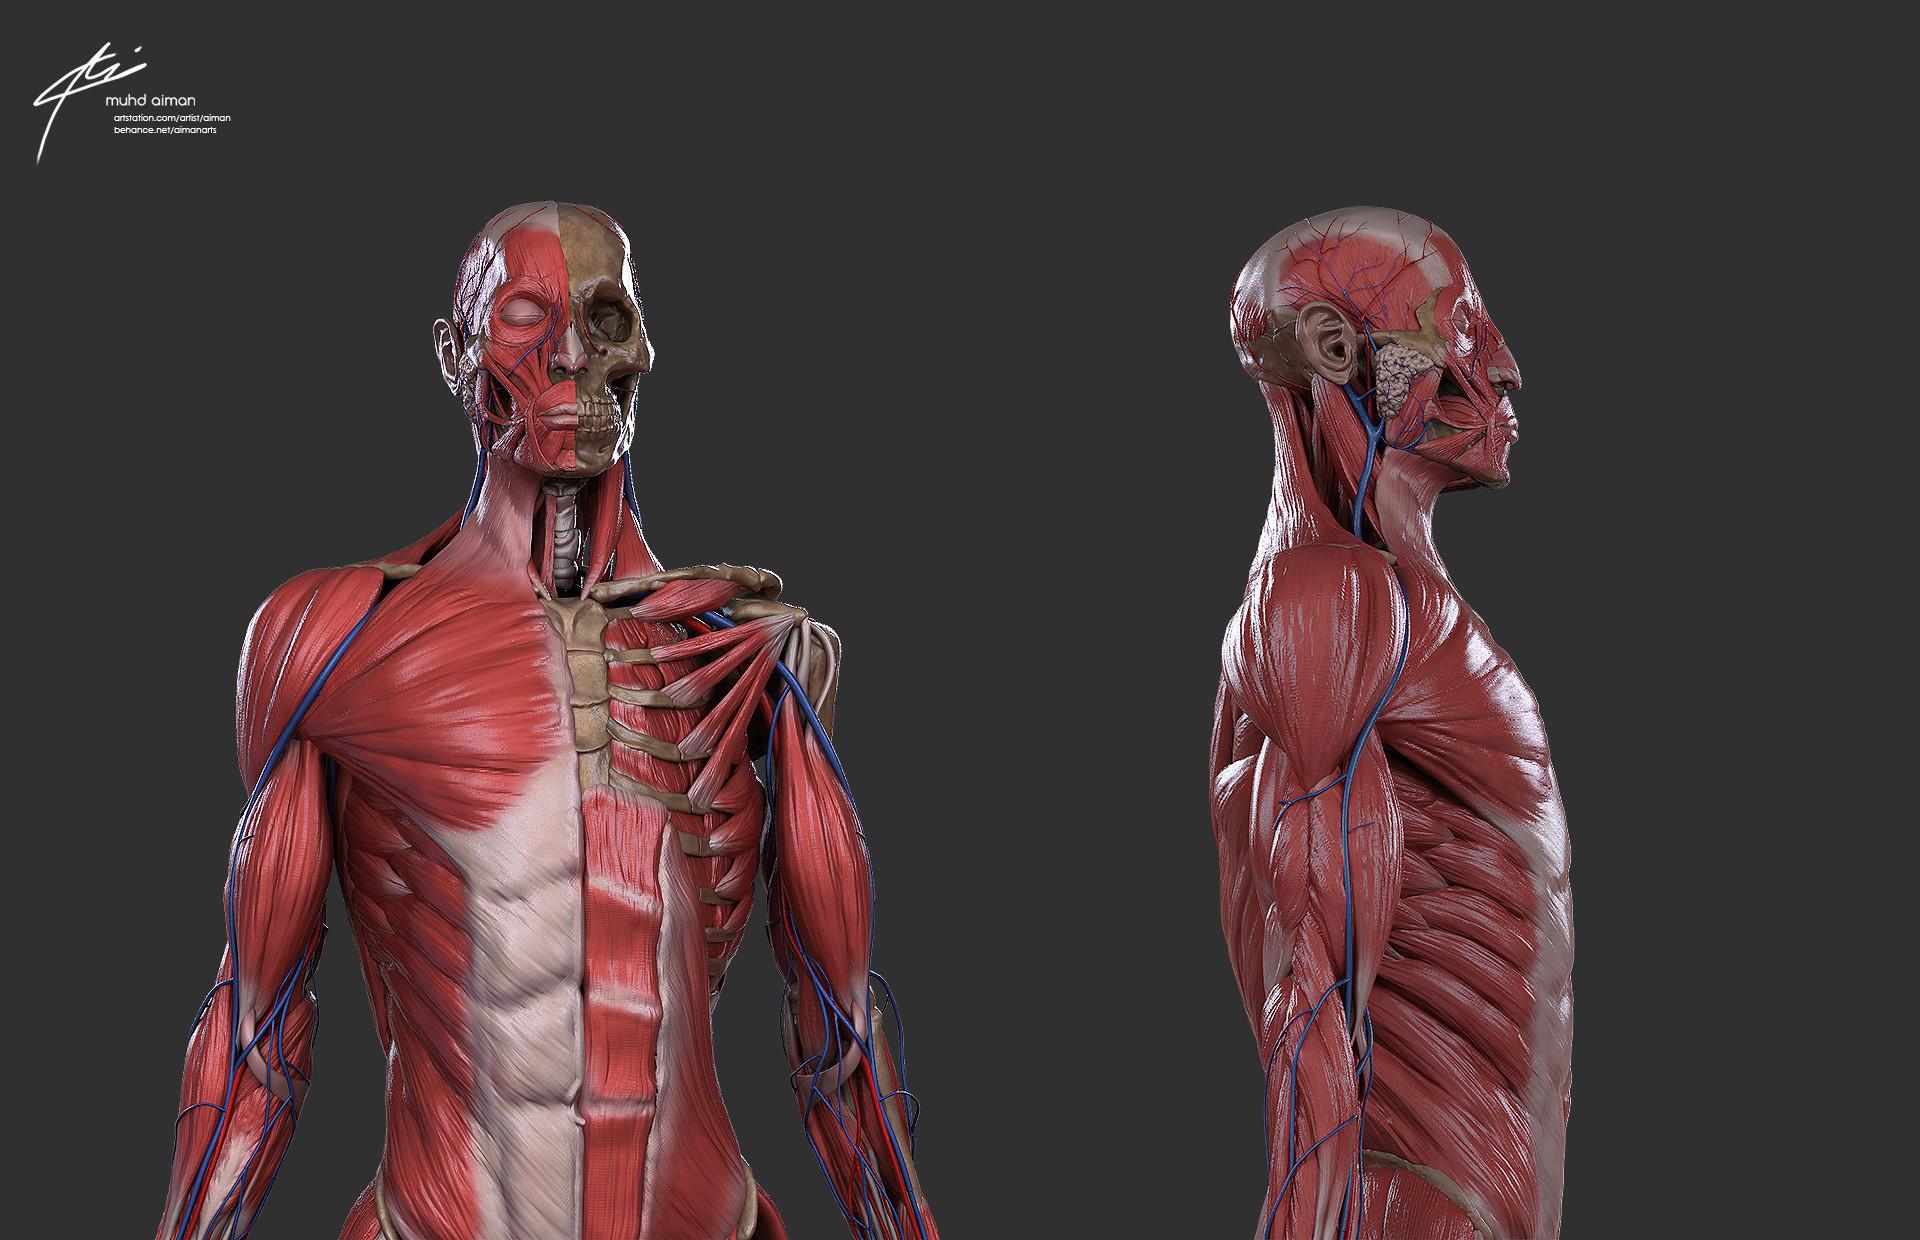 ArtStation - Male anatomy study, Muhammad Aiman Zubir